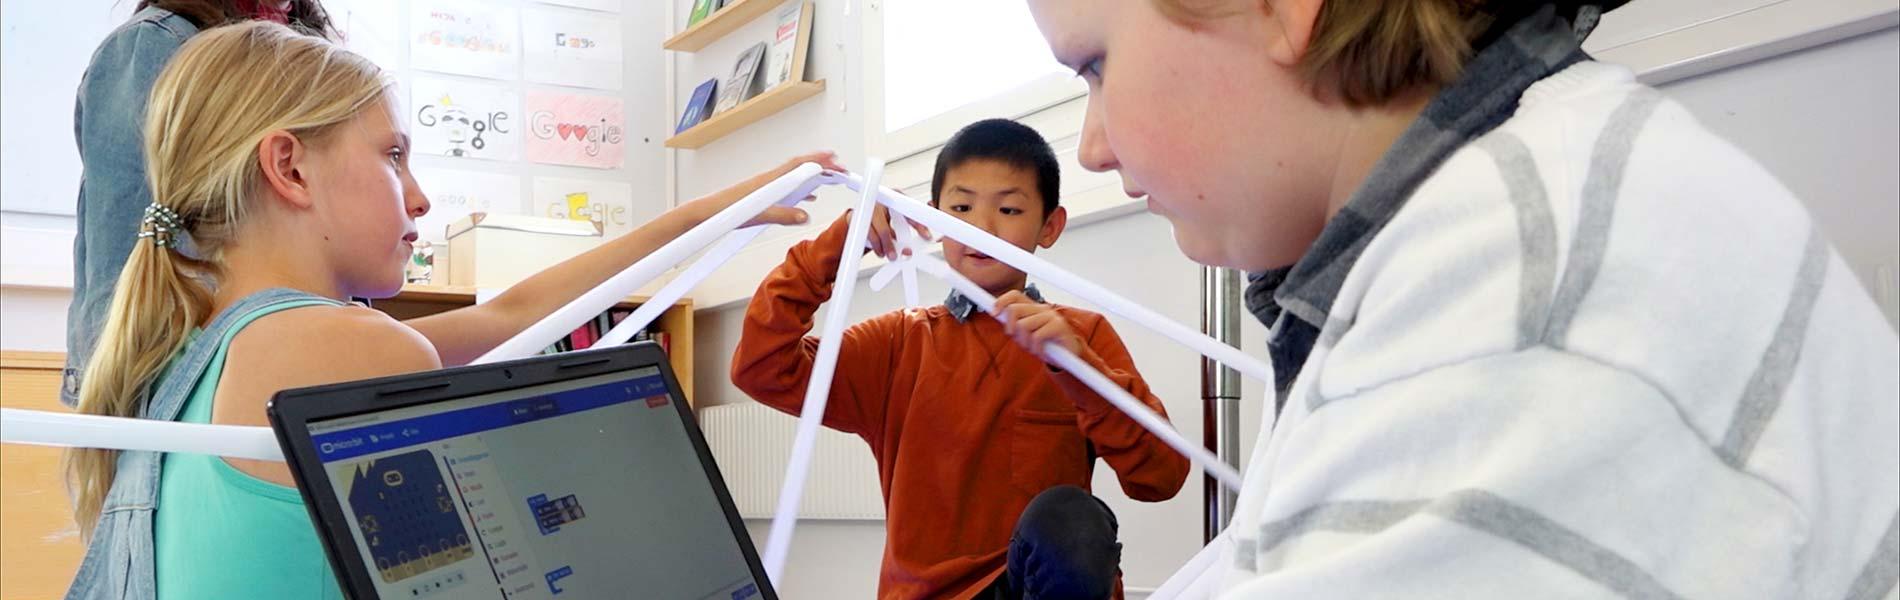 Barn skapar och kodar med olika verktyg